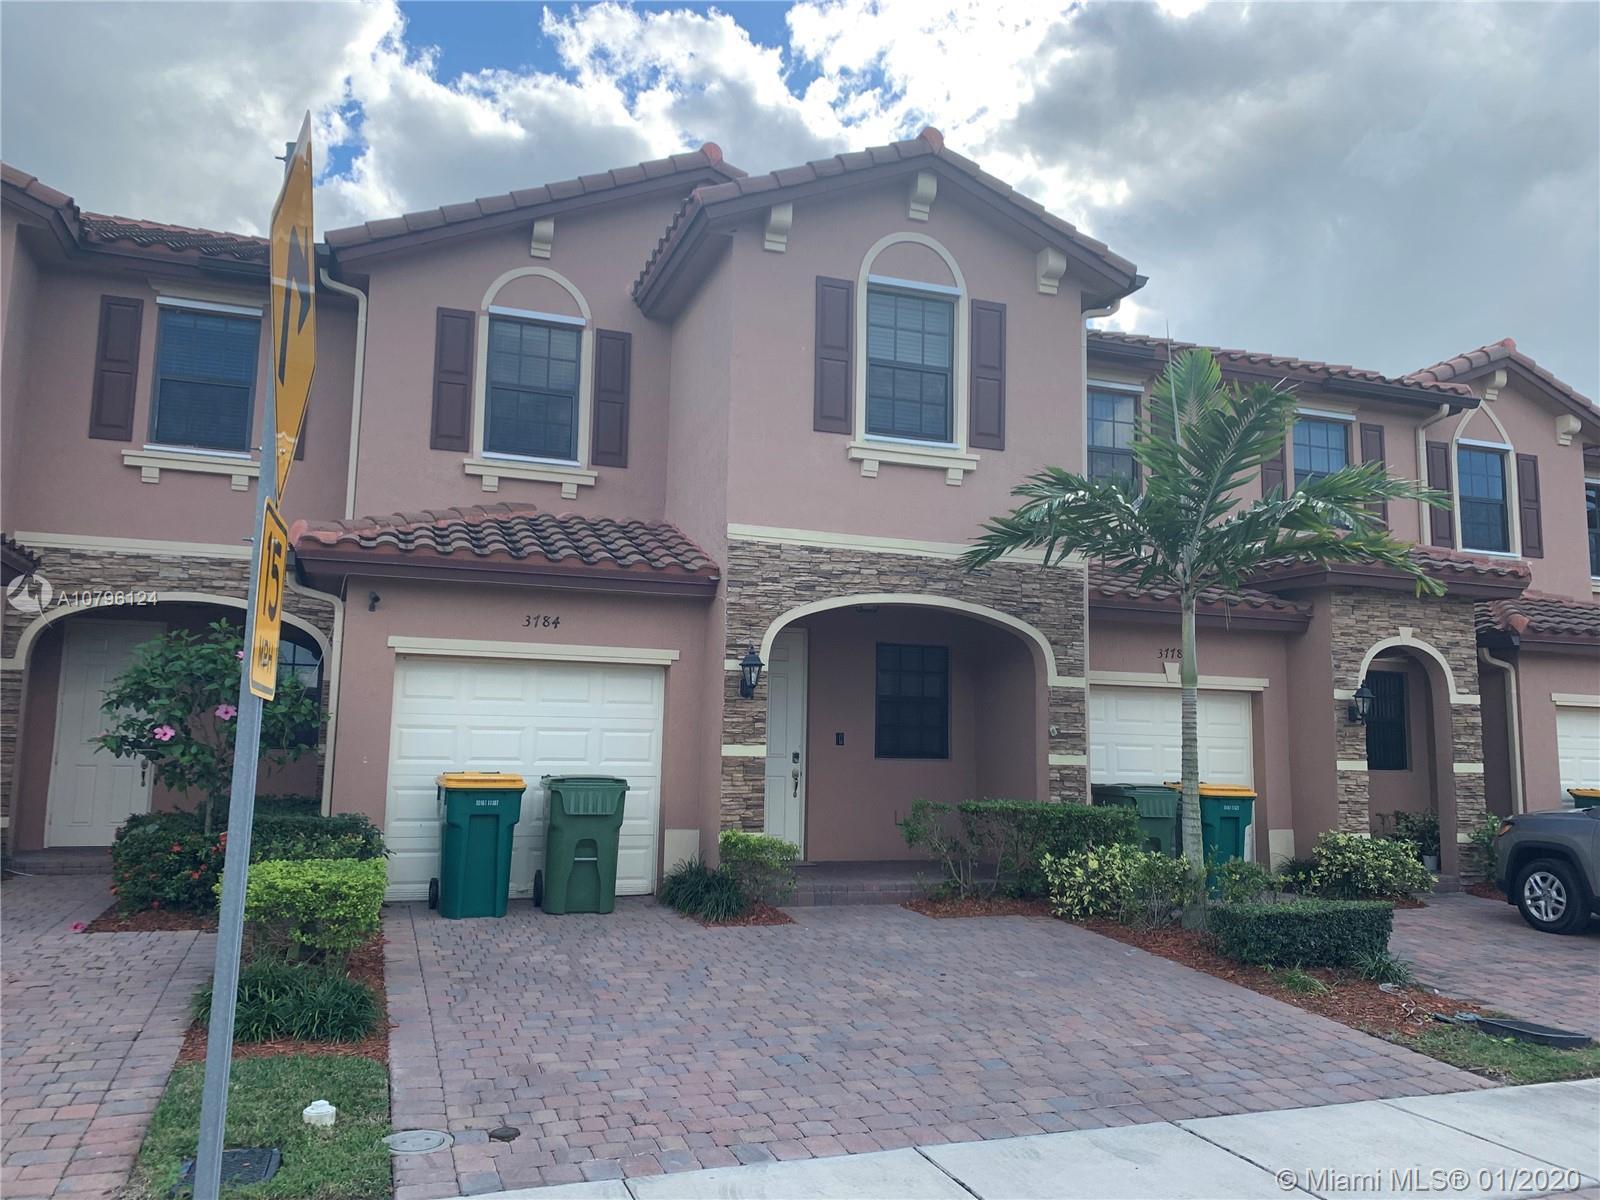 3784 SE 2nd Dr #3784, Homestead, FL 33033 - Homestead, FL real estate listing